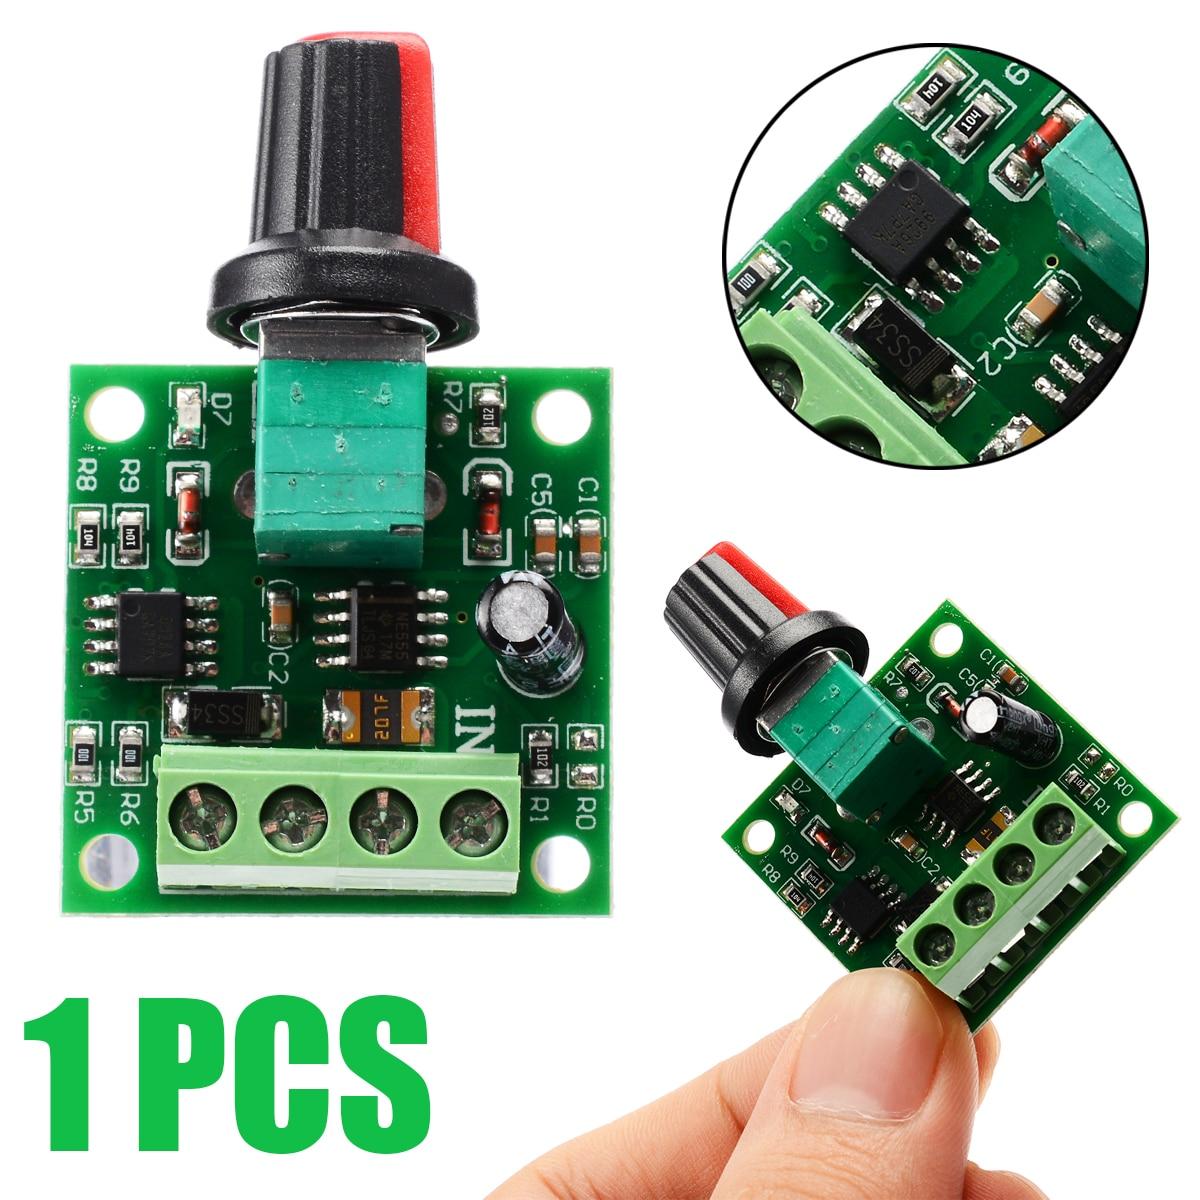 Voltage DC 1.8V 3V 5V 6V 12V 2A Motor Speed Controller Governor PWM Adjustable Switch Motor Controller